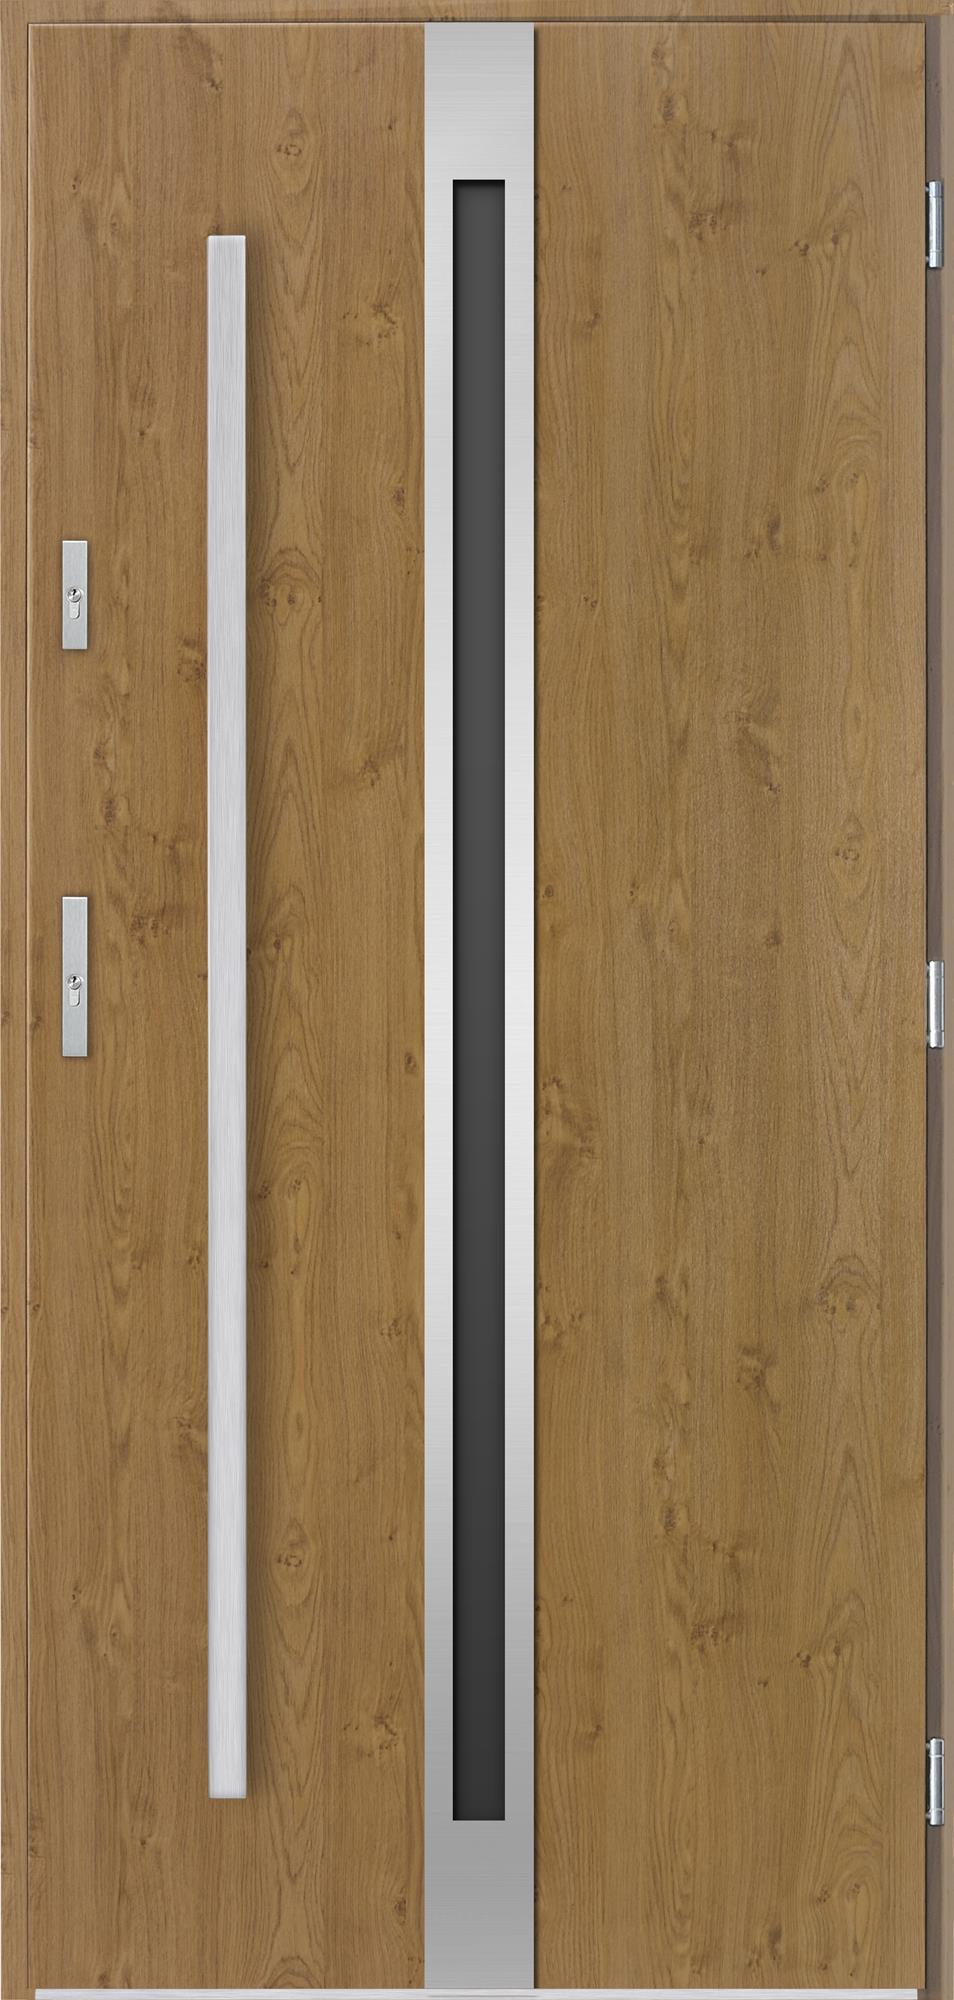 Venkovní vchodové dveøe Linea v odstínu winchester